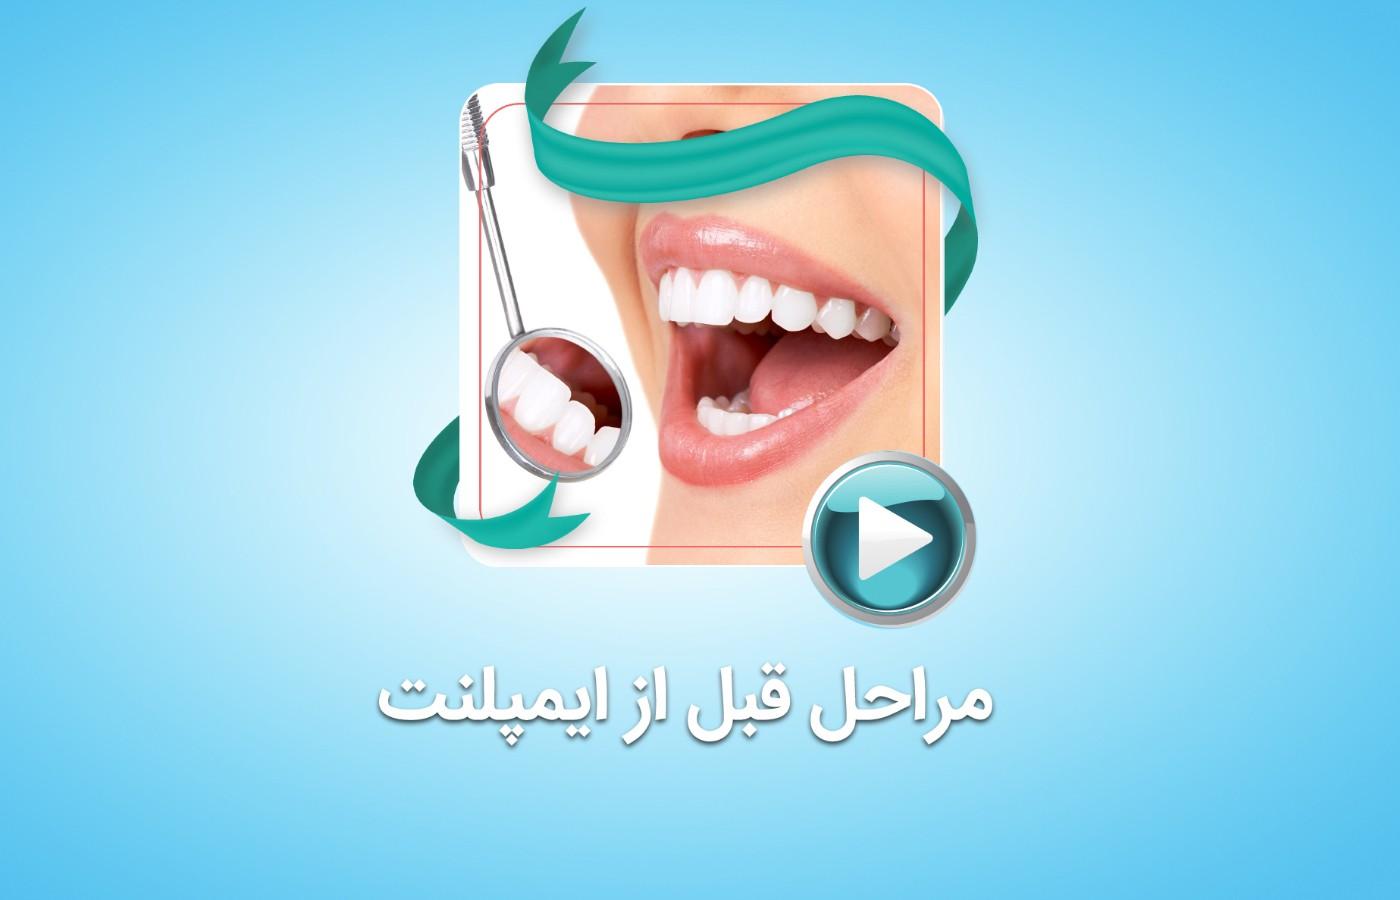 مراحل قبل از کاشت ایمپلنت دندان